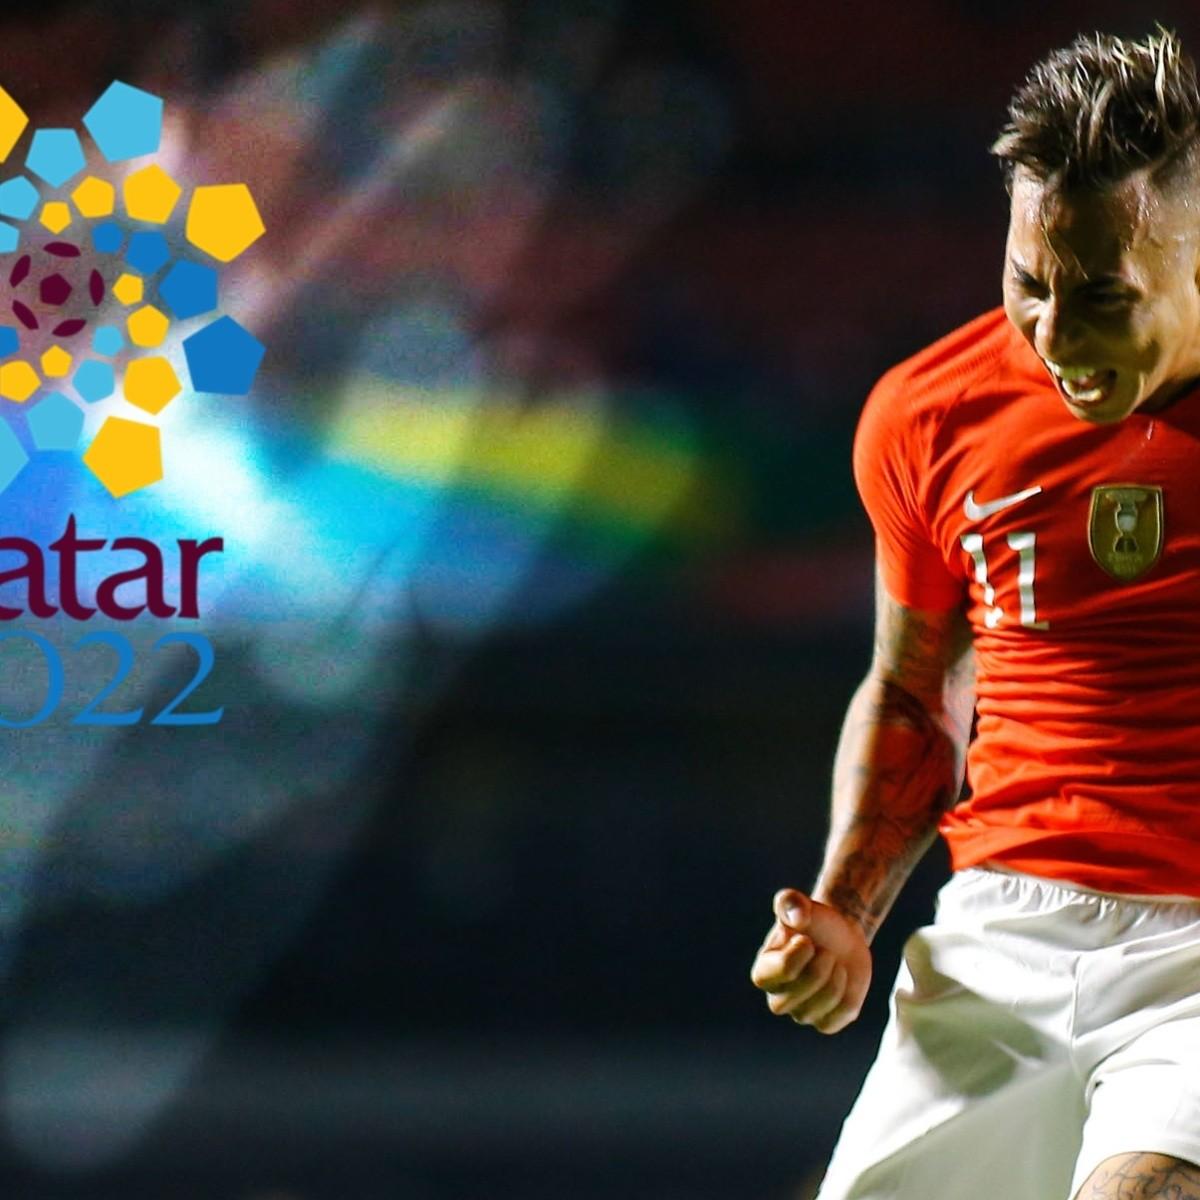 Calendario Mundial De Futbol 2020.Confirmado Eliminatorias Para El Mundial De Catar Se Jugaran Entre